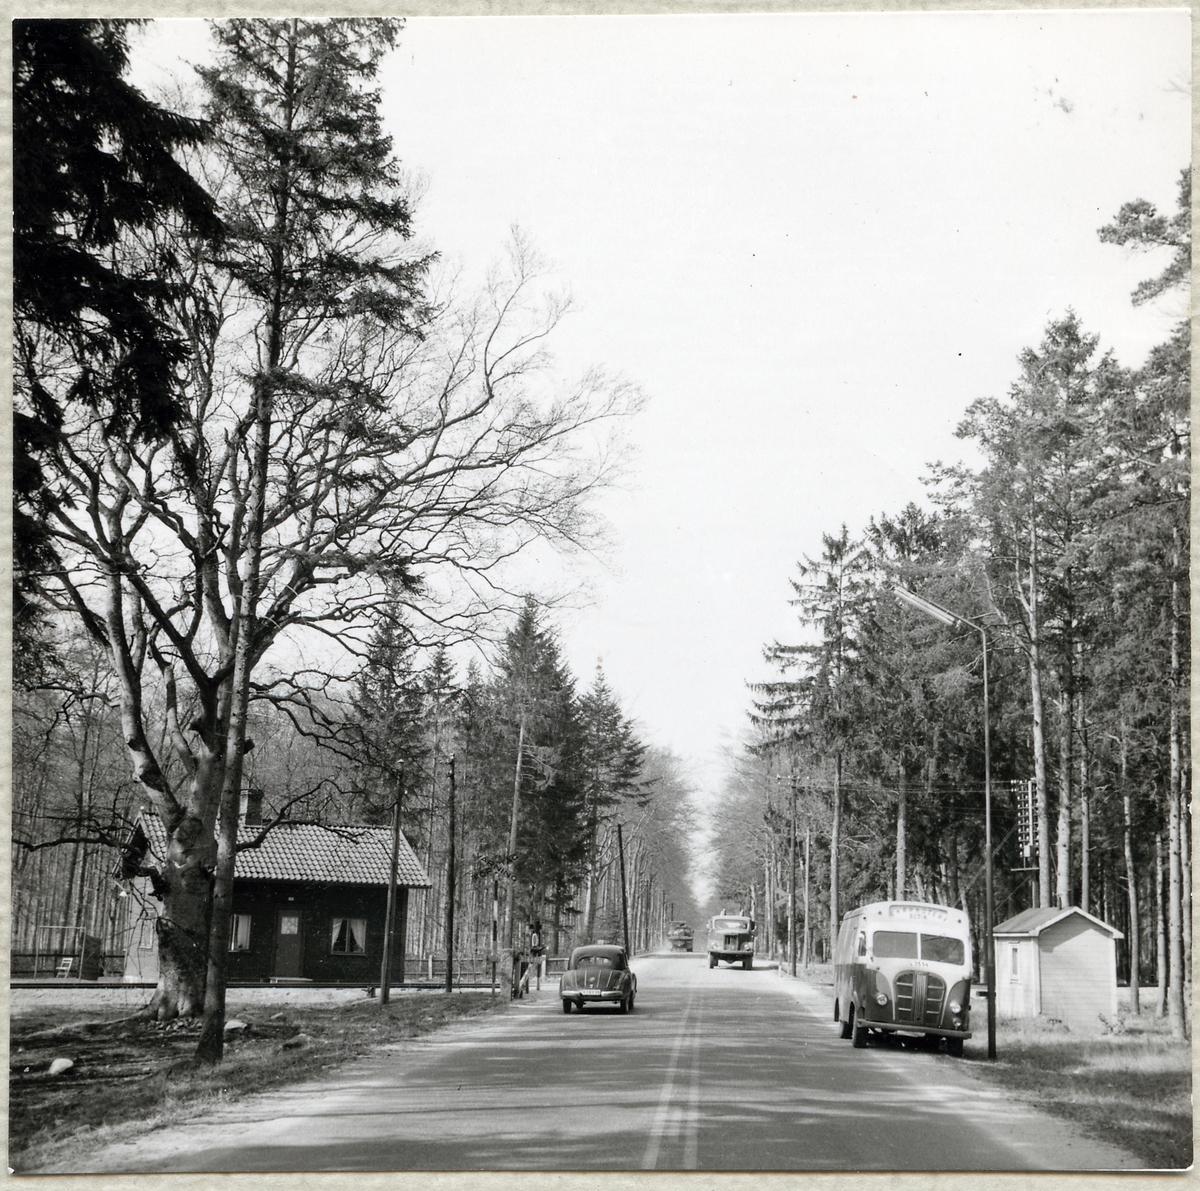 Järnvägsövergång vid Valjevägen i Sölvesborg, på sträckan mellan Håkanryd och Sölvesborg. Banvaktstuga 765.